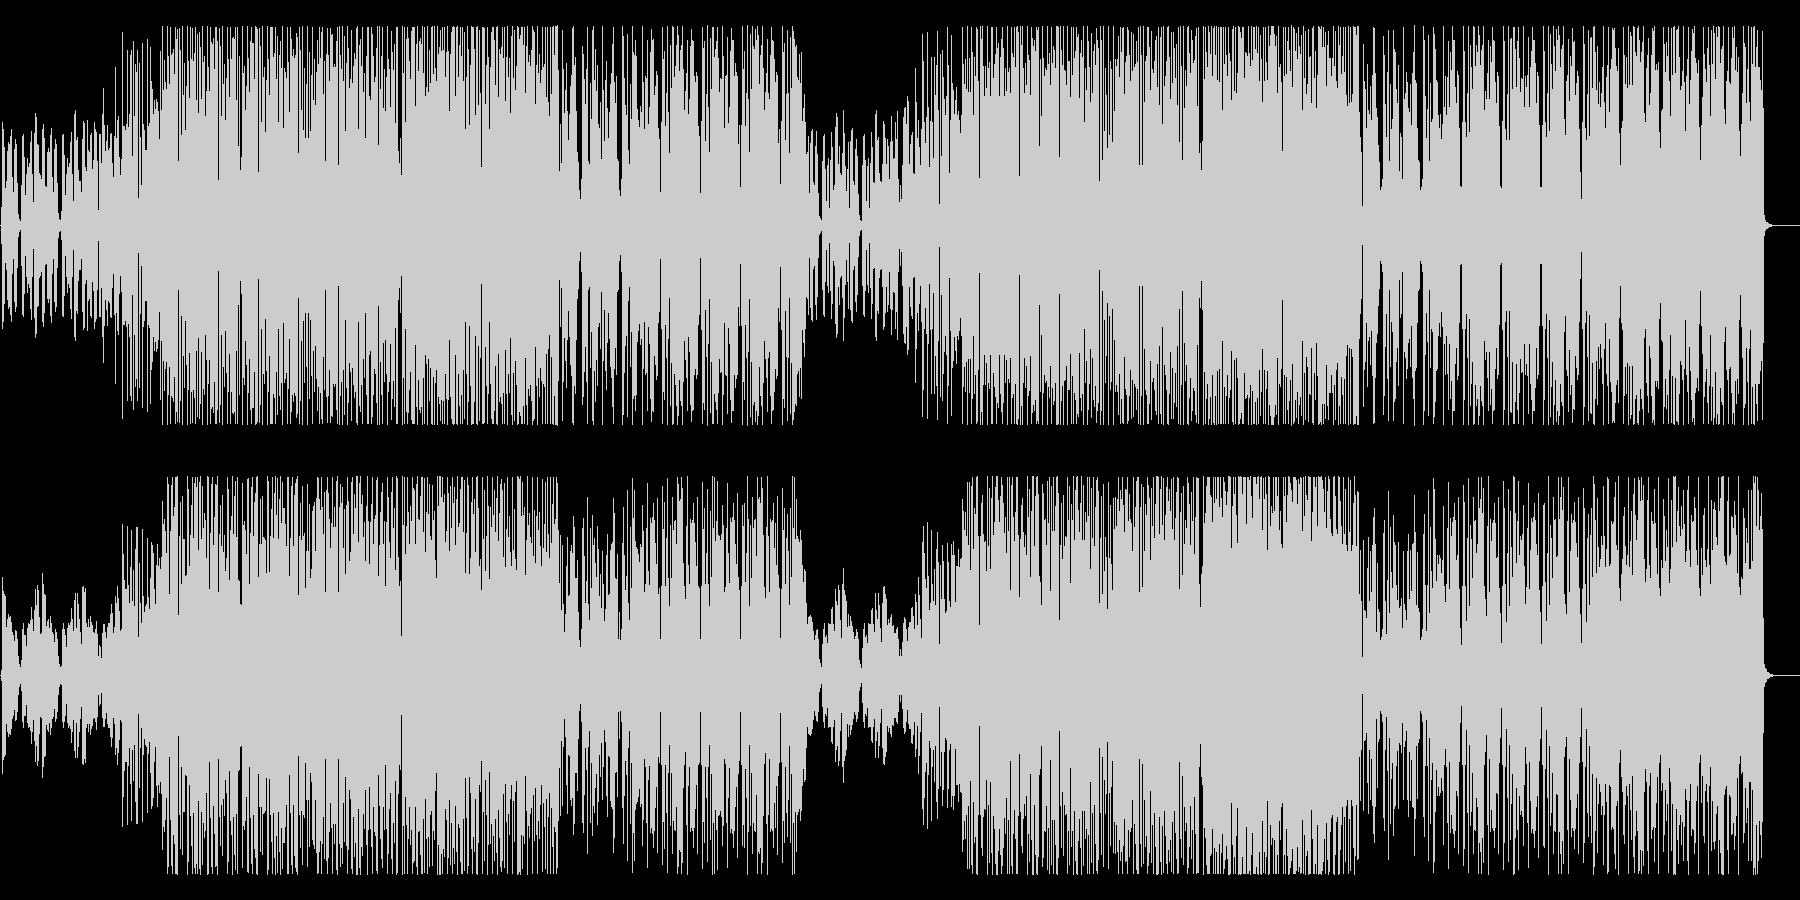 ポップでファンシーなシンセサウンドの未再生の波形